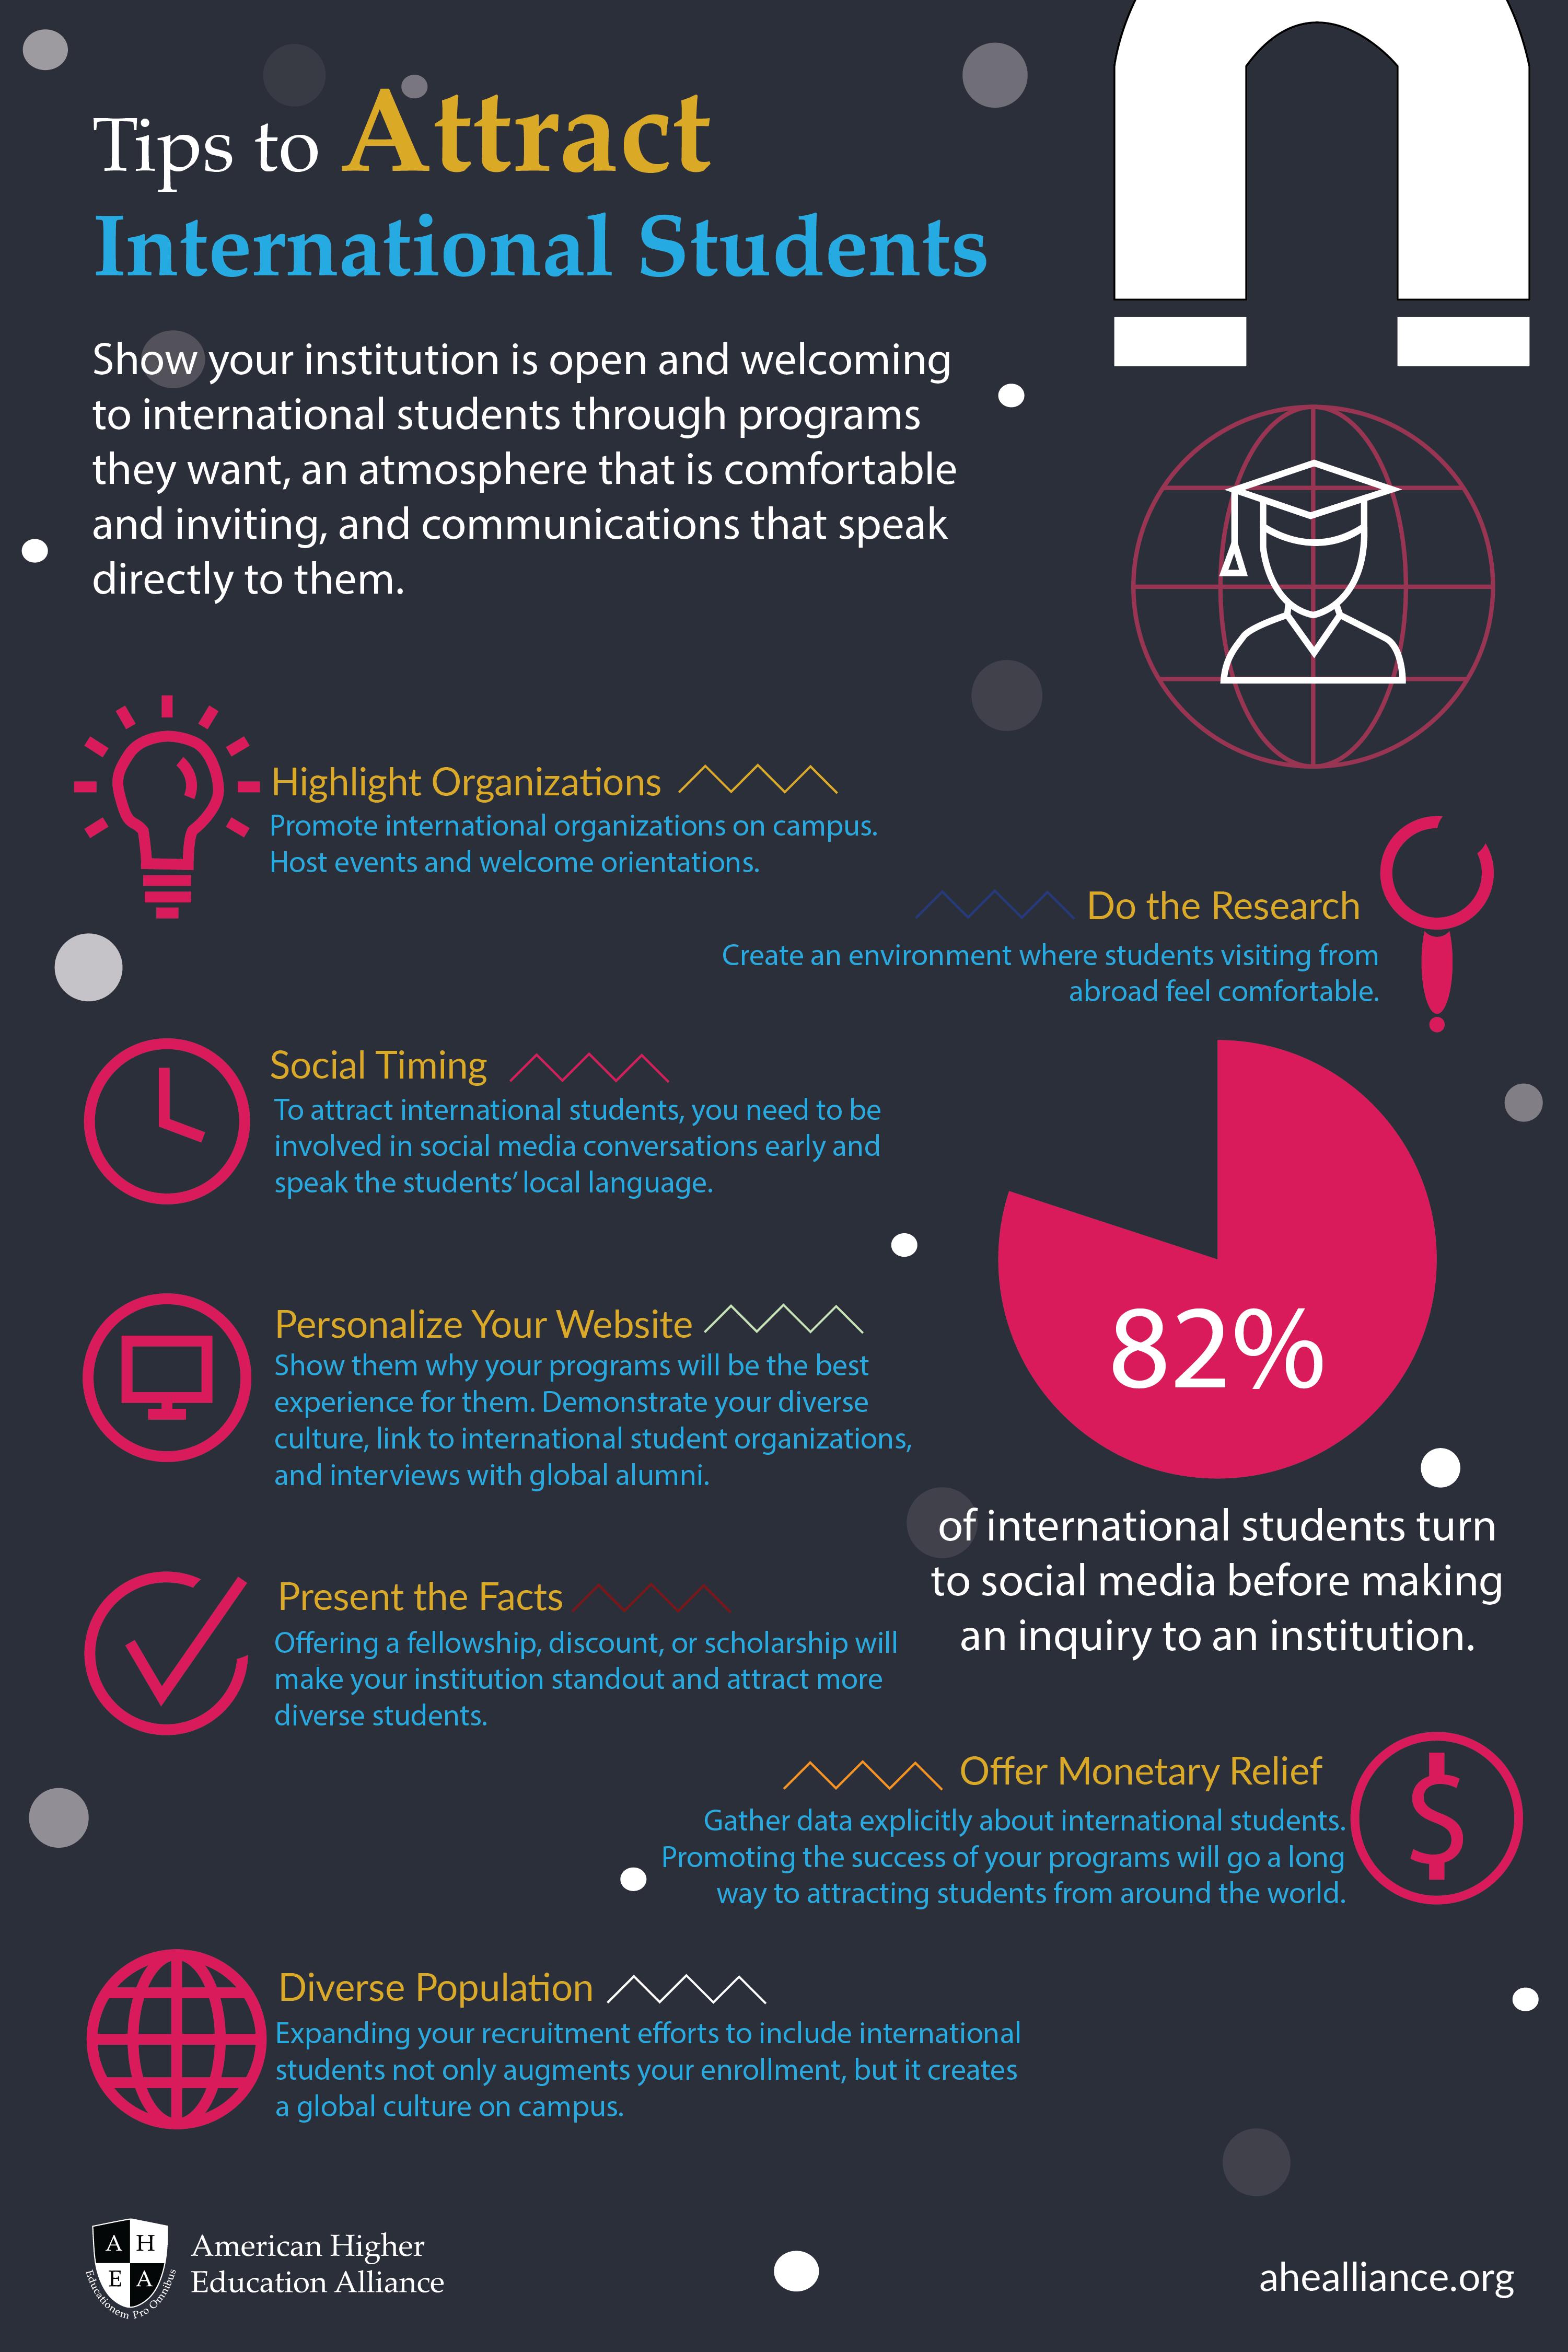 AHEA Infographic_TipstoAttractInterStudents updated-01